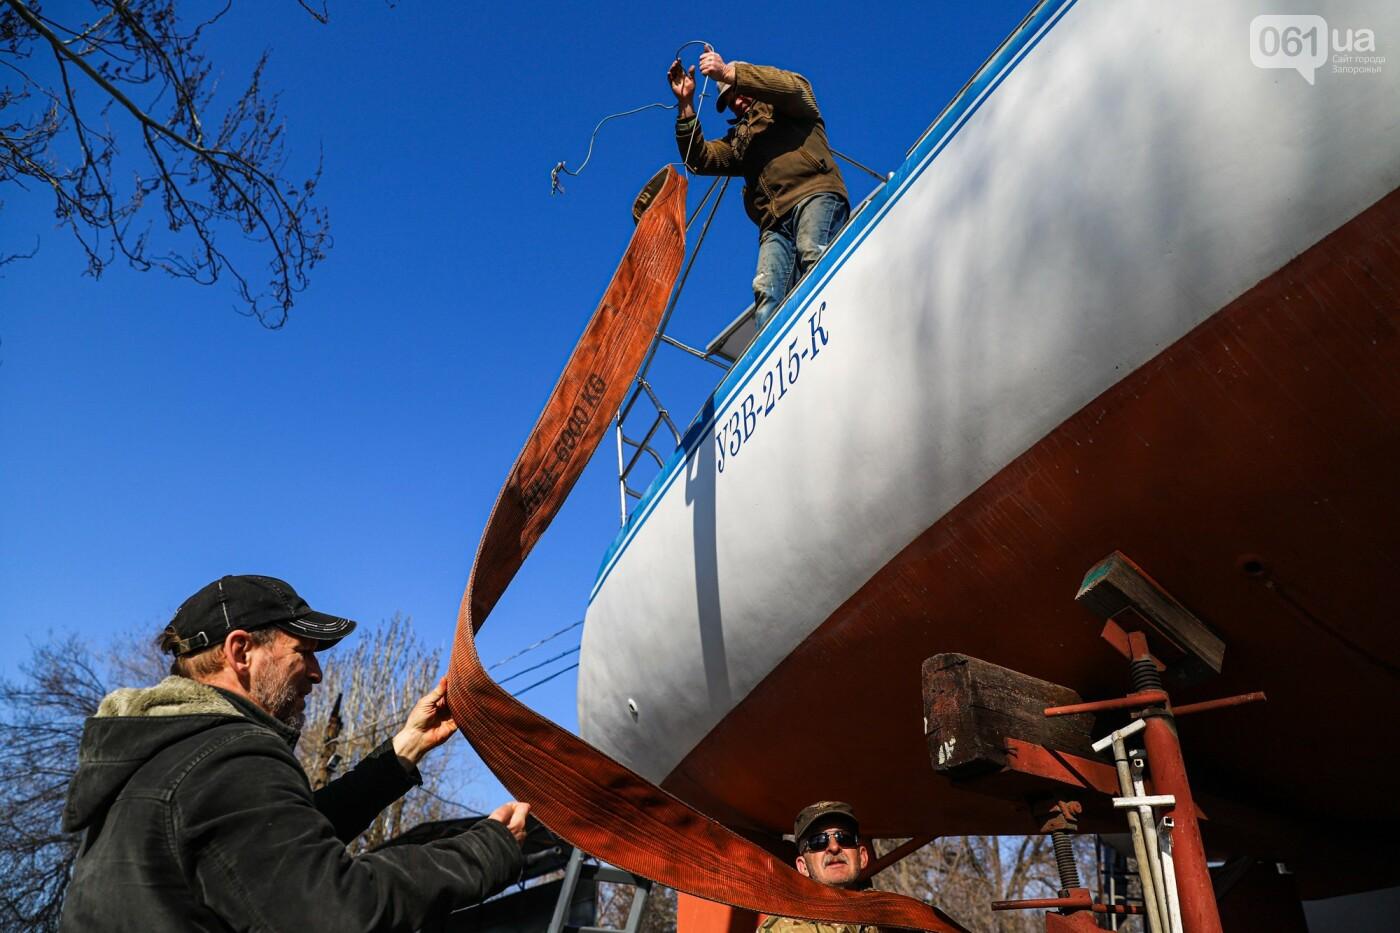 Монтаж первого пролета вантового моста, транспортный локдаун и репортаж из заброшенной шахты: апрель в фотографиях, фото-24